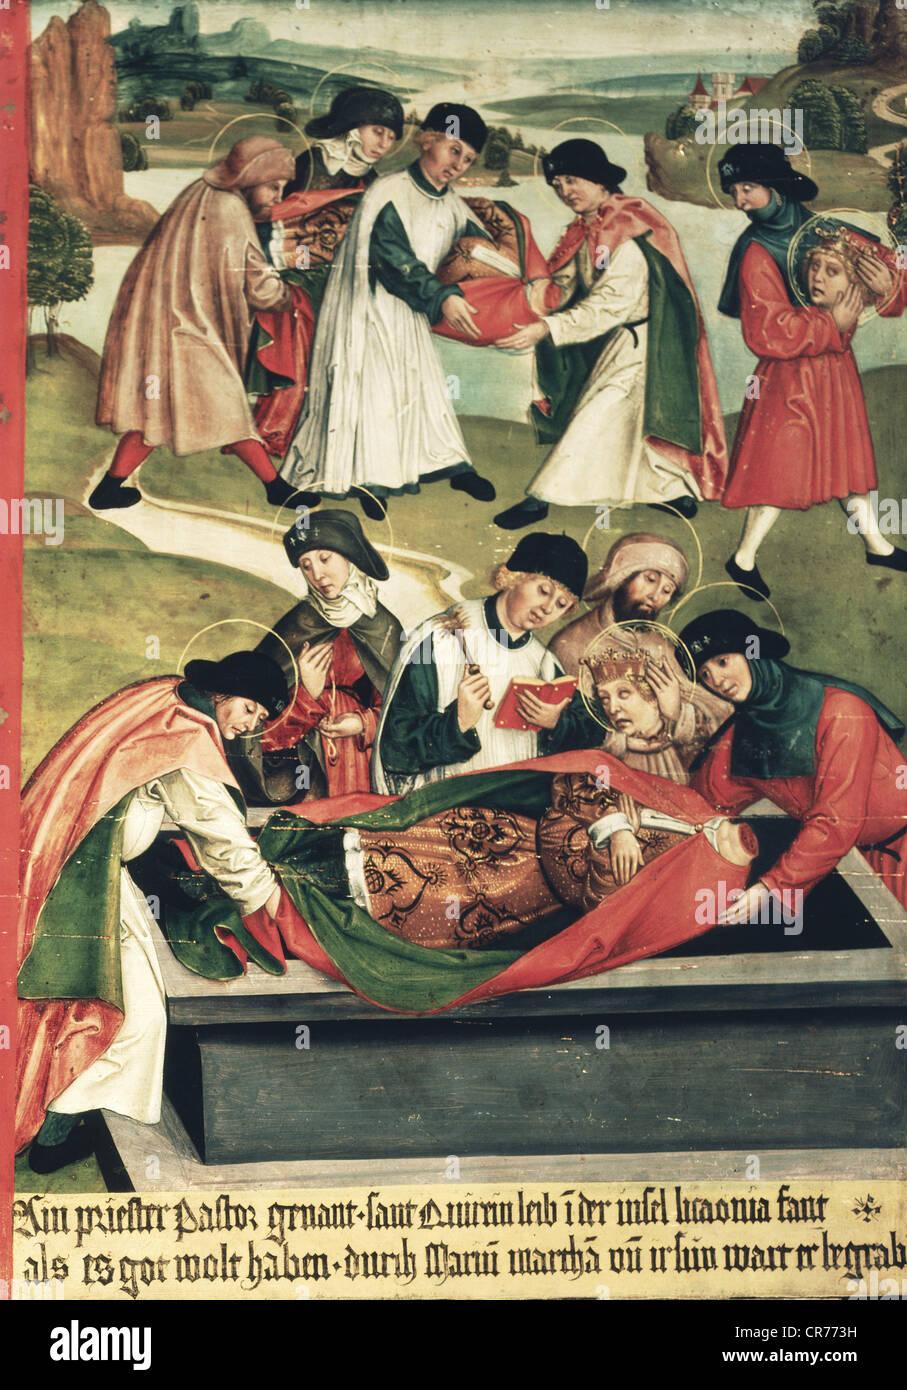 Quirinus de Neuss, circa 130 DC, San, mártir cristiano, su muerte, entierro del Quirinus decapitado, detalle de una placa de leyenda, aceite en madera, 82 x 57 cm, Baviera, circa 1510, Foto de stock